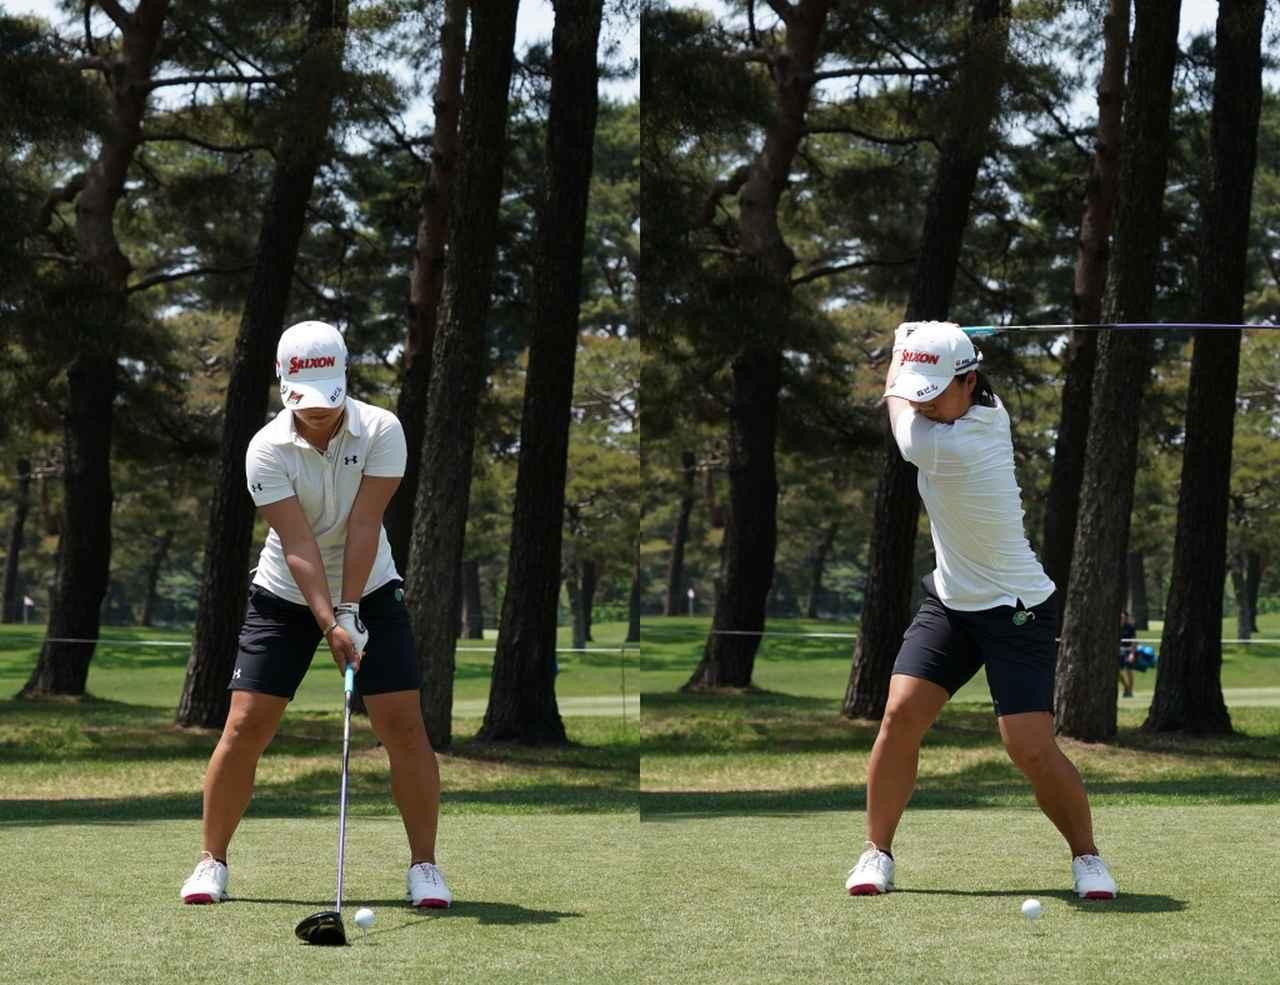 画像: アドレスとトップを比較すると、頭の位置が変わっていないことがわかる(写真は2018年のサロンパスレディス)